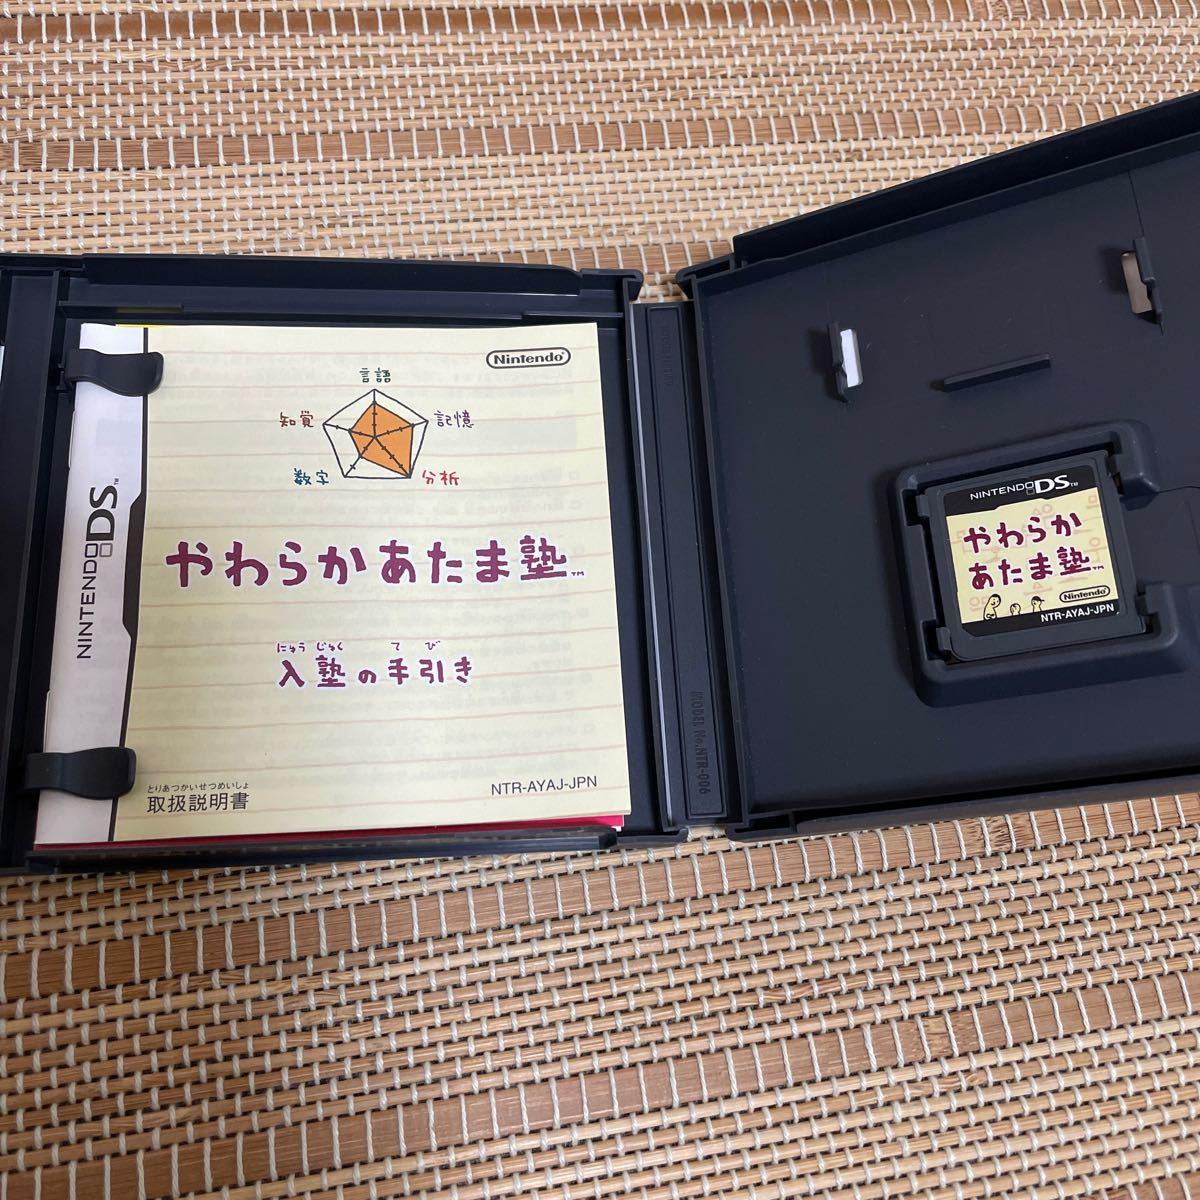 DSソフト マリオパーティ DS やわらかあたま塾